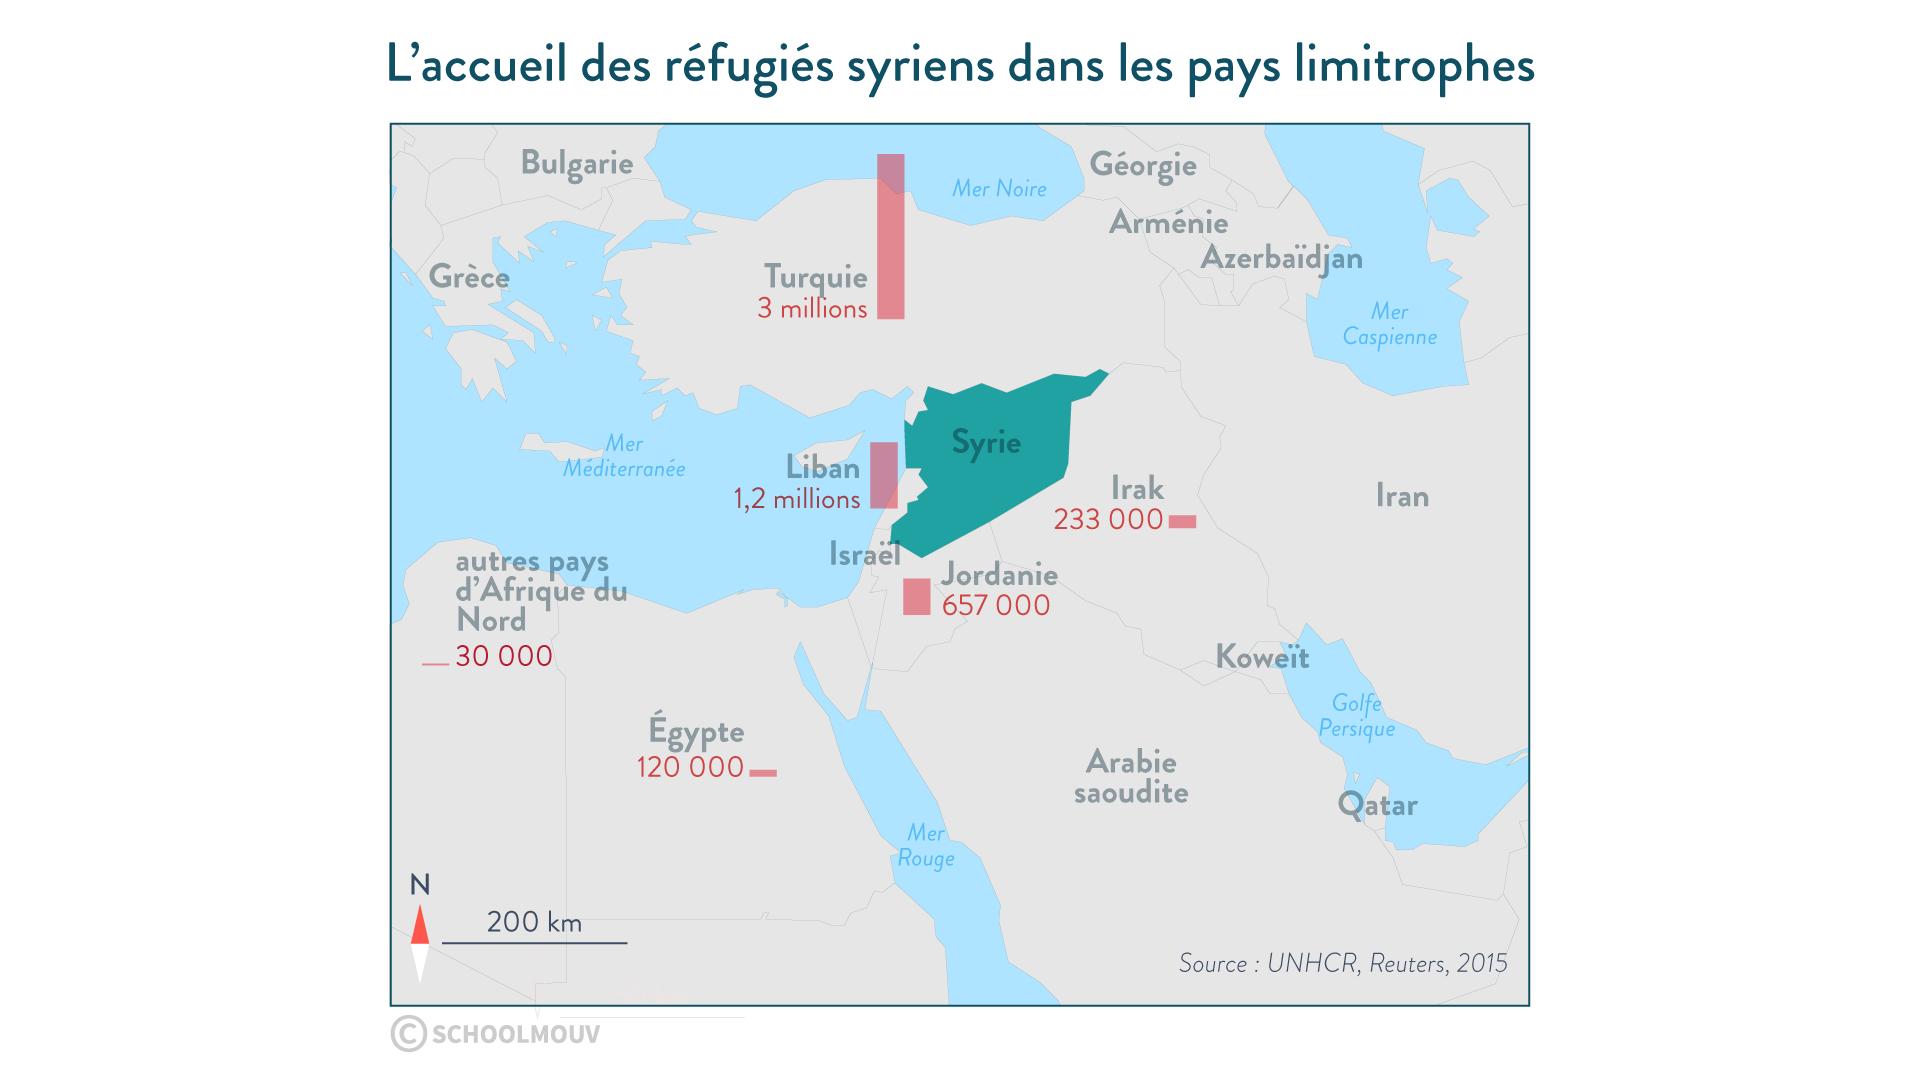 L'accueil des réfugiés syriens dans les pays limitrophes - Géographie-Seconde-SchoolMouv